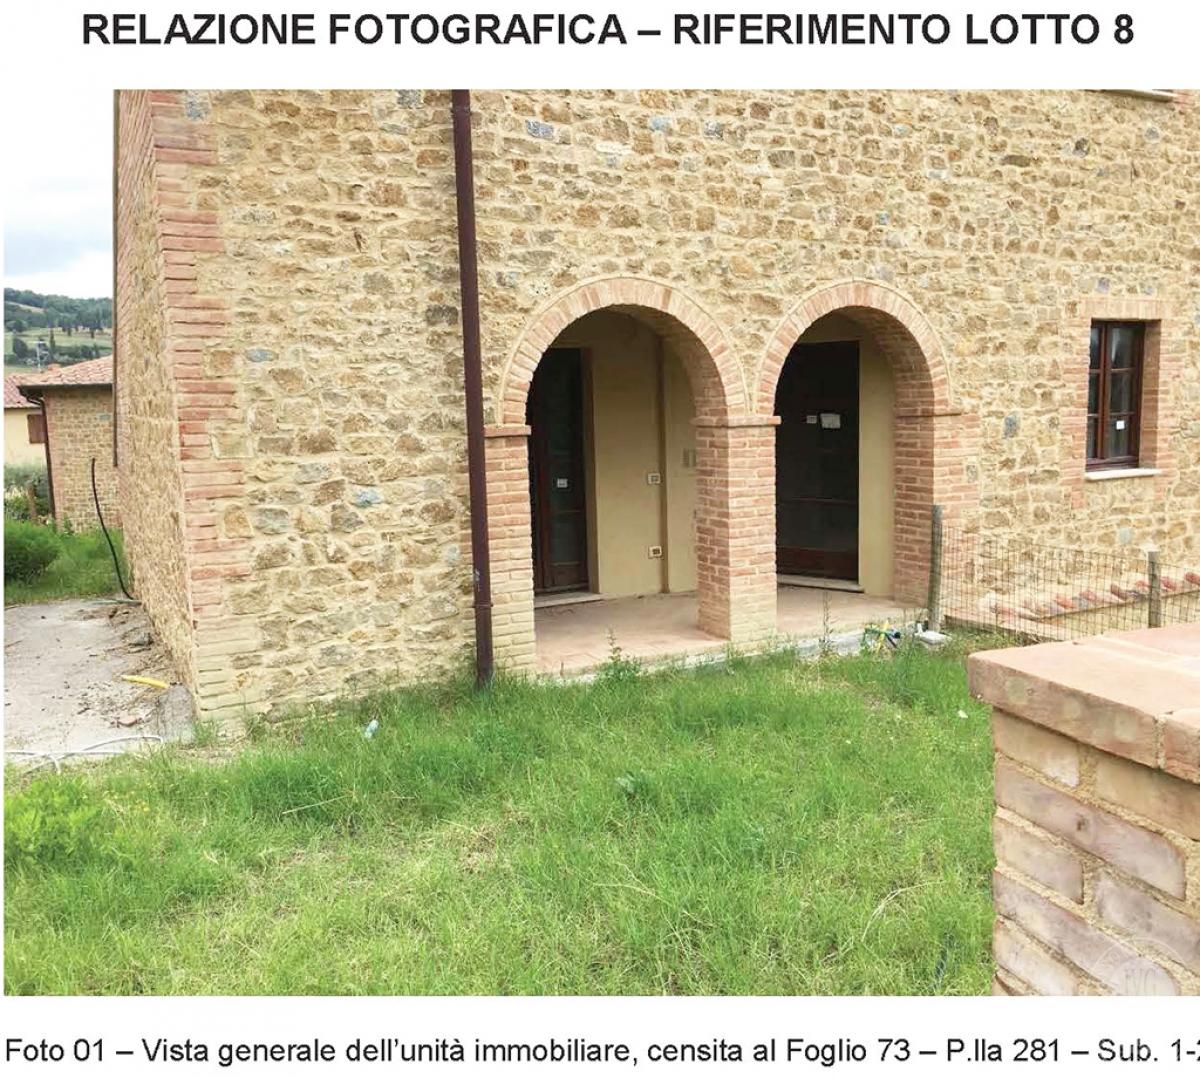 Appartamento a PIENZA, loc. Monticchiello - Lotto 8 2